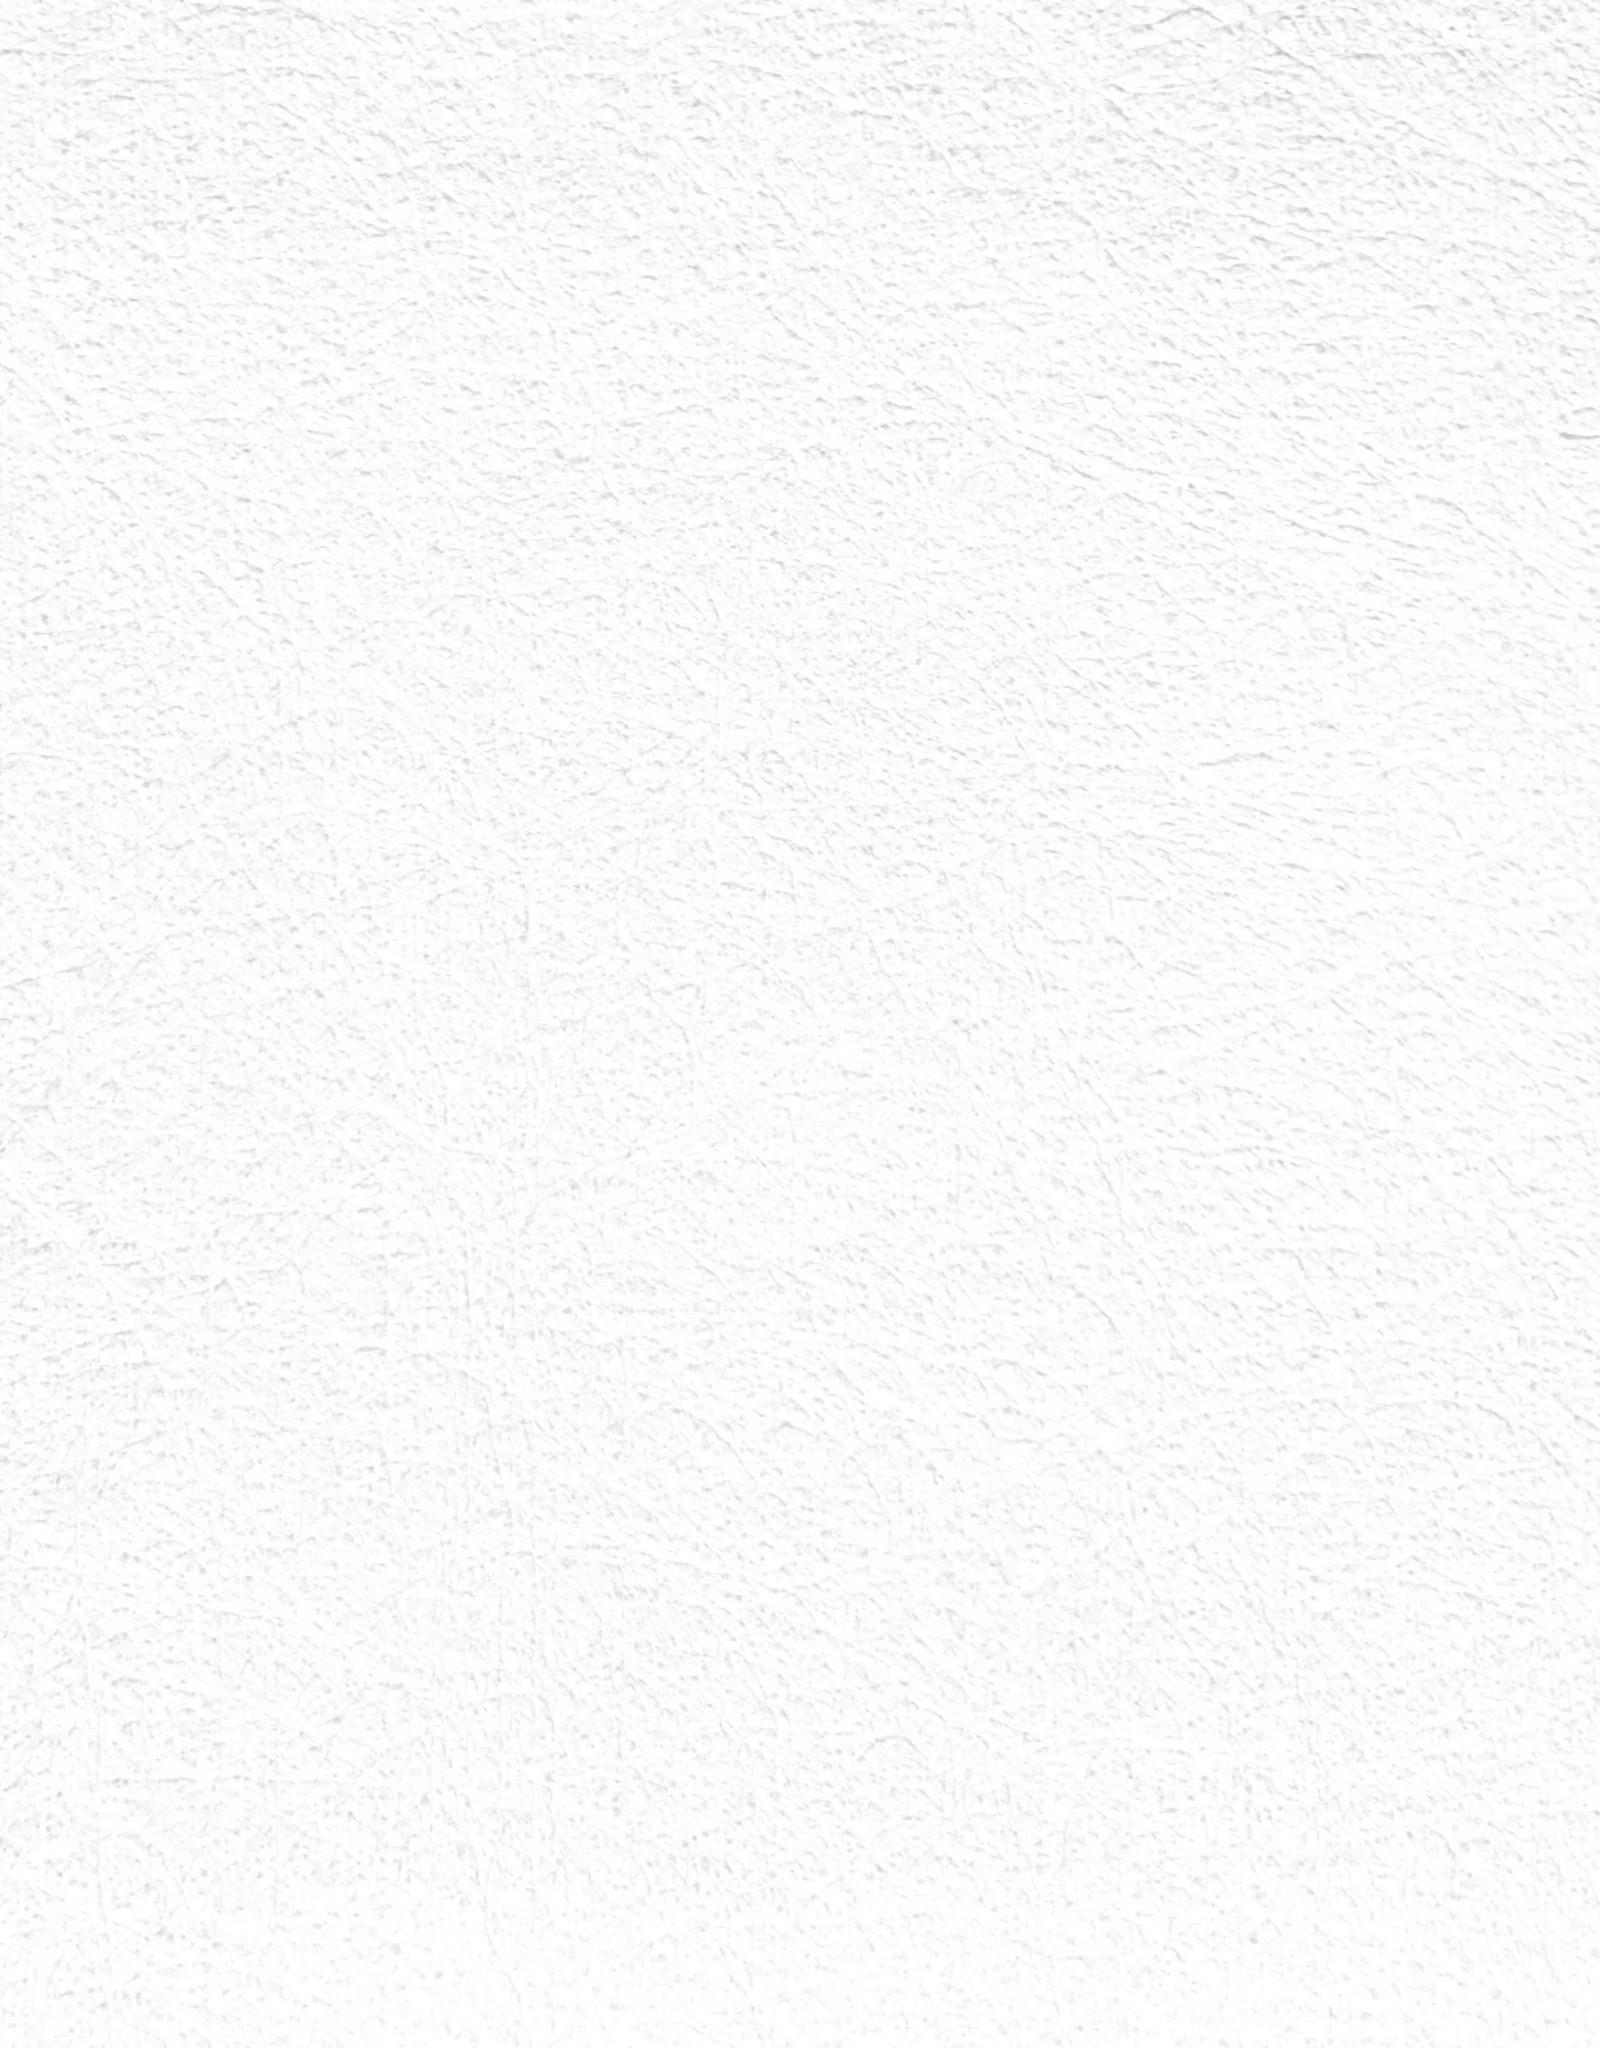 Evolon AP, 58 gsm, 22X30,Single Sheet